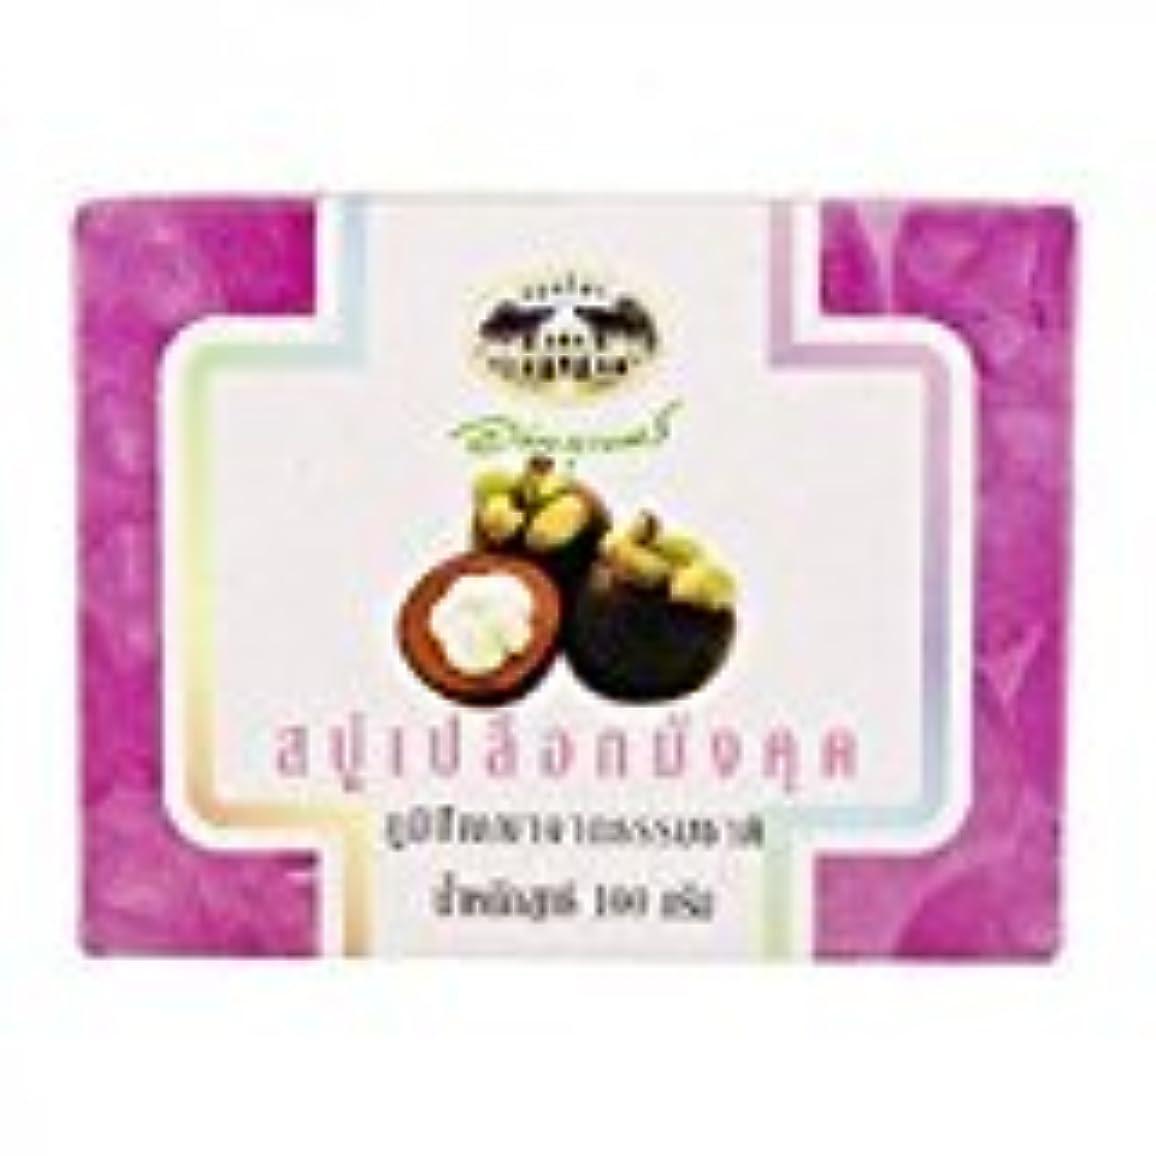 神社スライム本質的ではないマンゴスチン石鹸 abhaibhubejhr Mangosteen Peel Soap 100g 1個